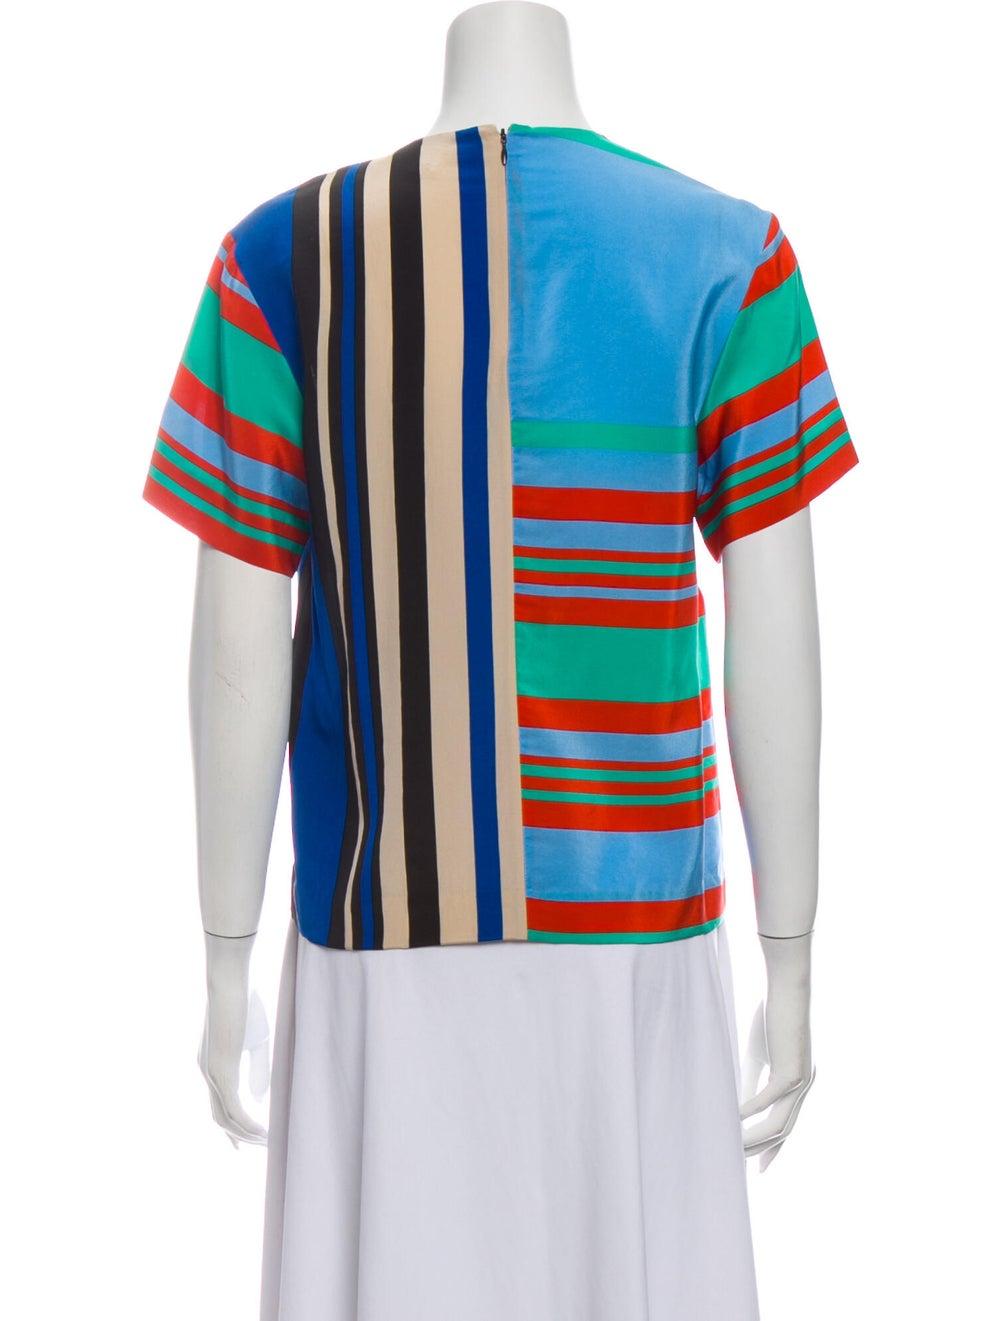 Diane von Furstenberg Silk Striped T-Shirt Green - image 3